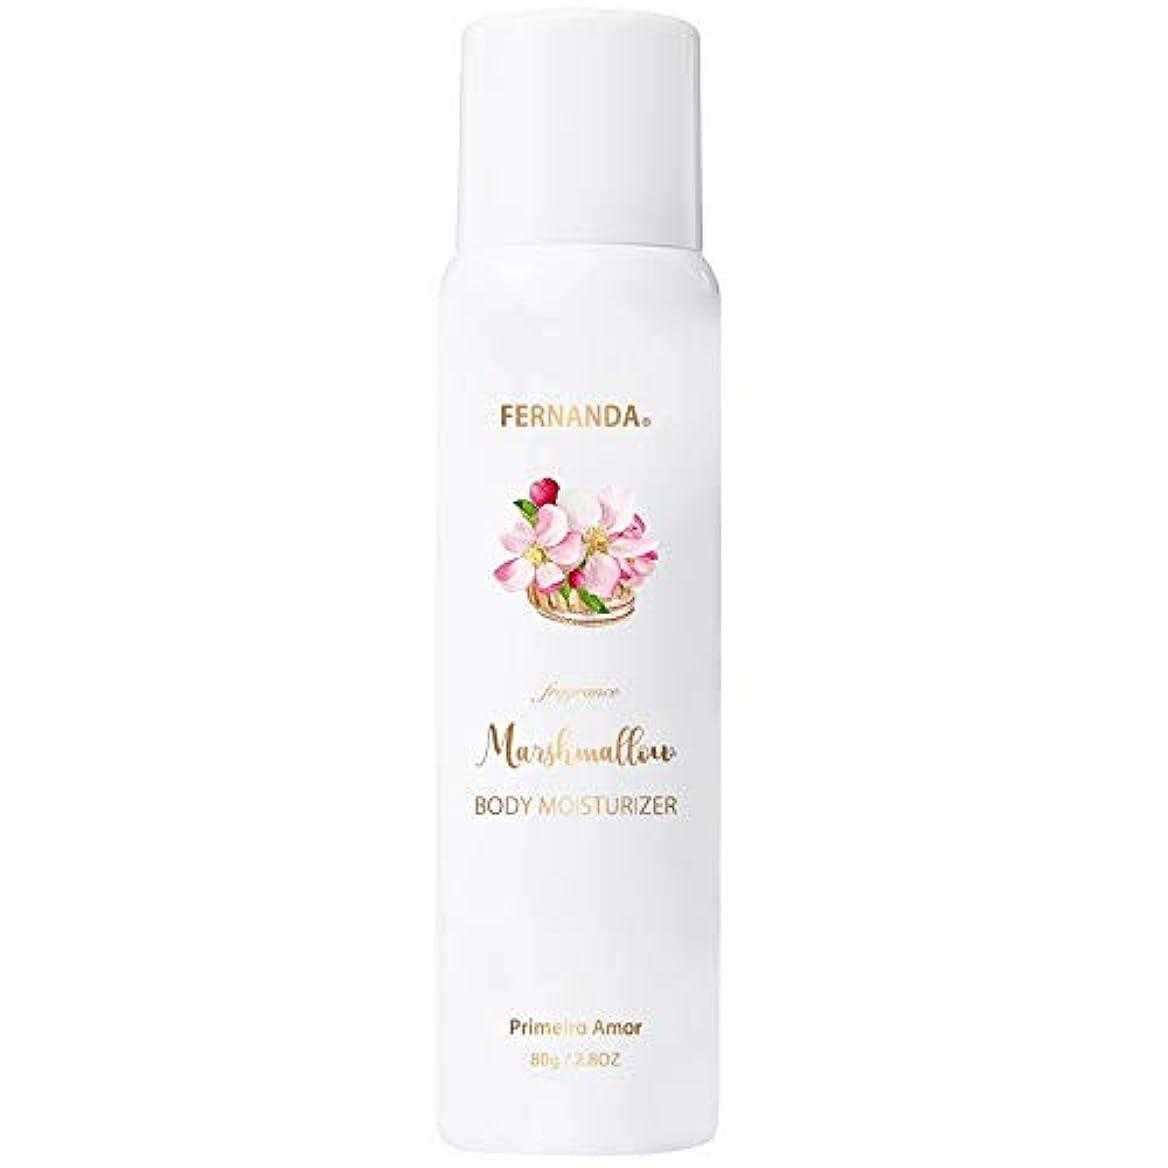 郵便屋さん話期限FERNANDA(フェルナンダ) Marshmallow Body Moisturizer Primeiro Amor (マシュマロ ボディ モイスチャライザー プリメイロアモール)